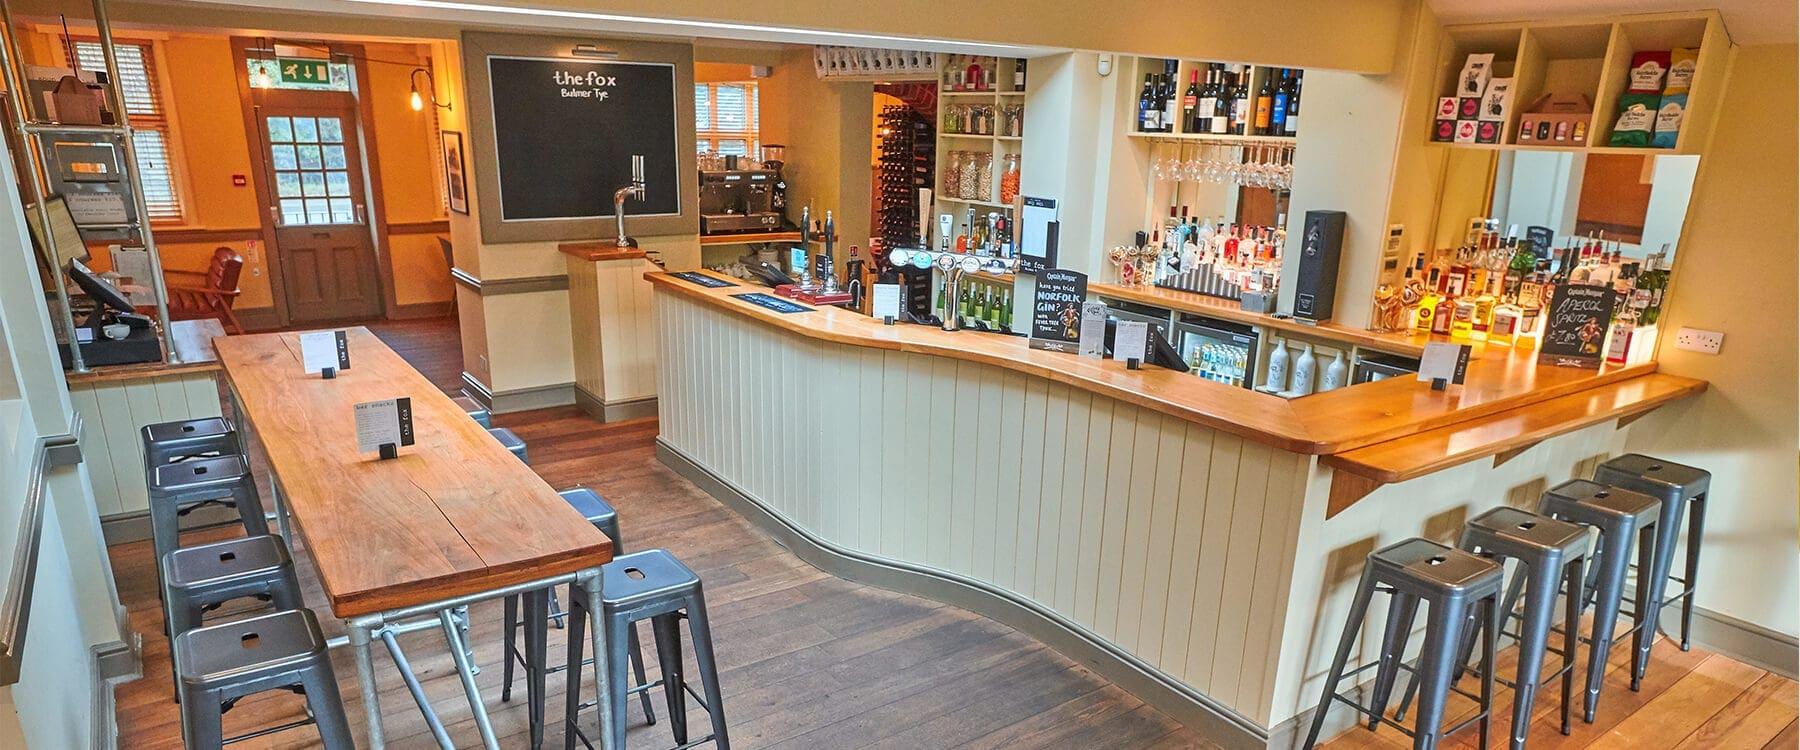 Bistro pub essex and Suffolk